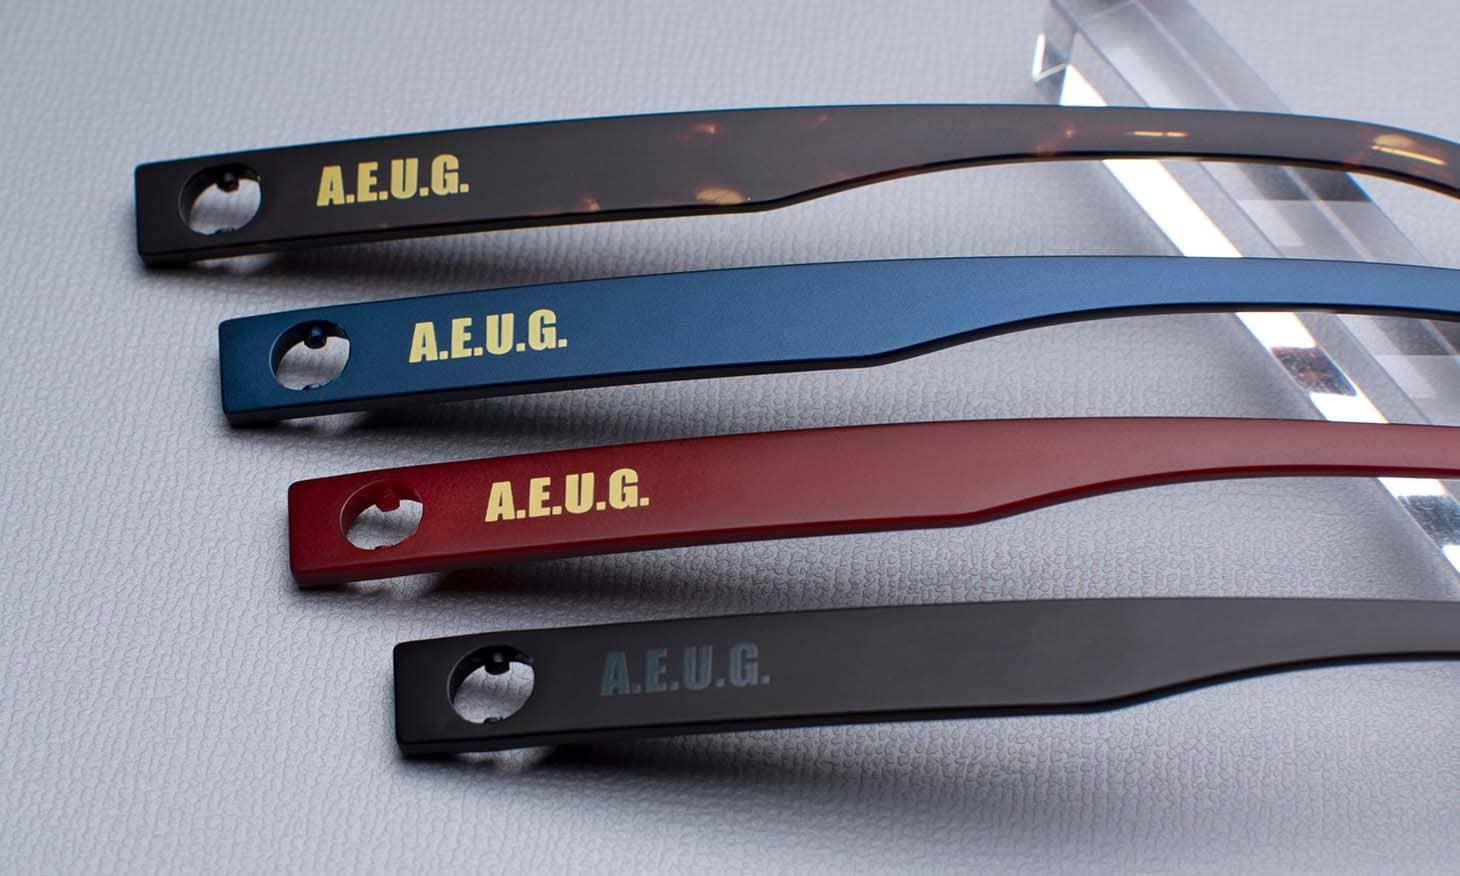 テンプル側面にはA.E.U.G.(エゥーゴ)の文字を印字